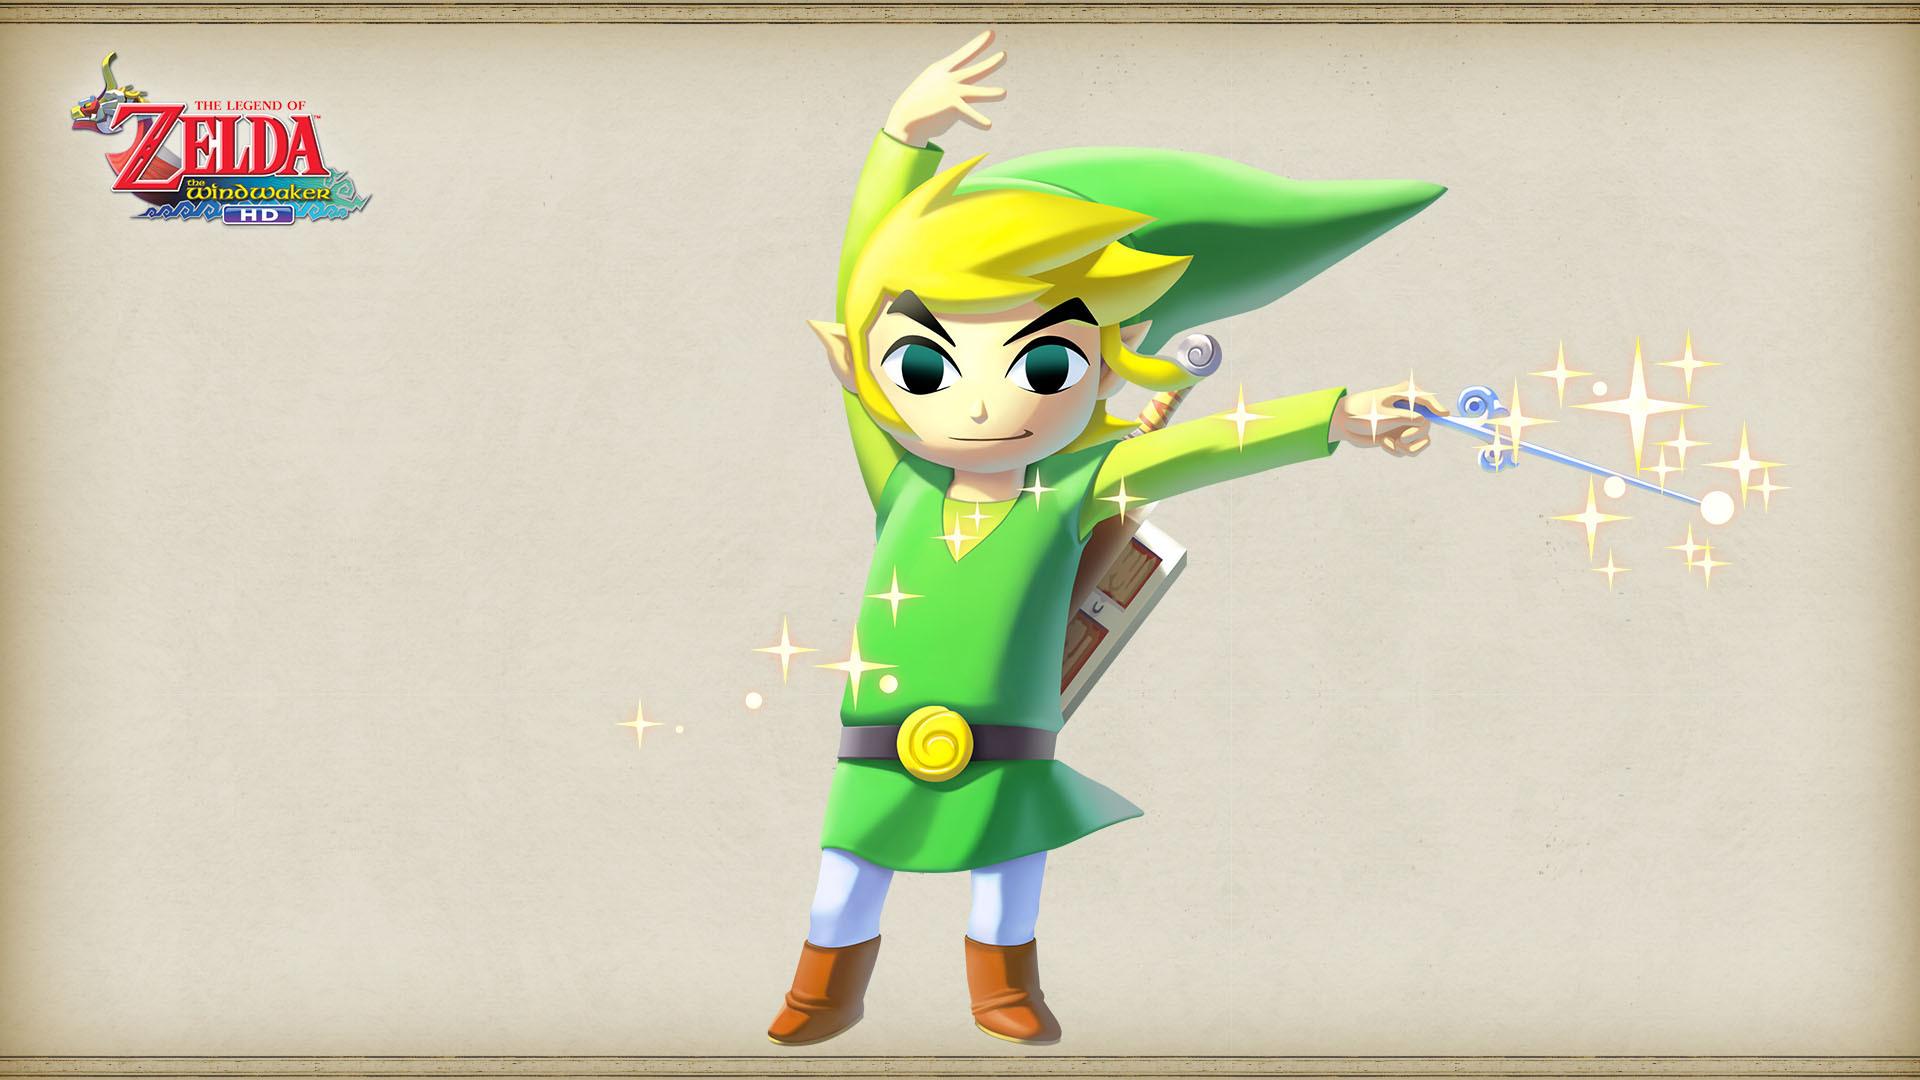 Fond dcran du jeu The Legend of Zelda The Wind Waker HD 1920x1080